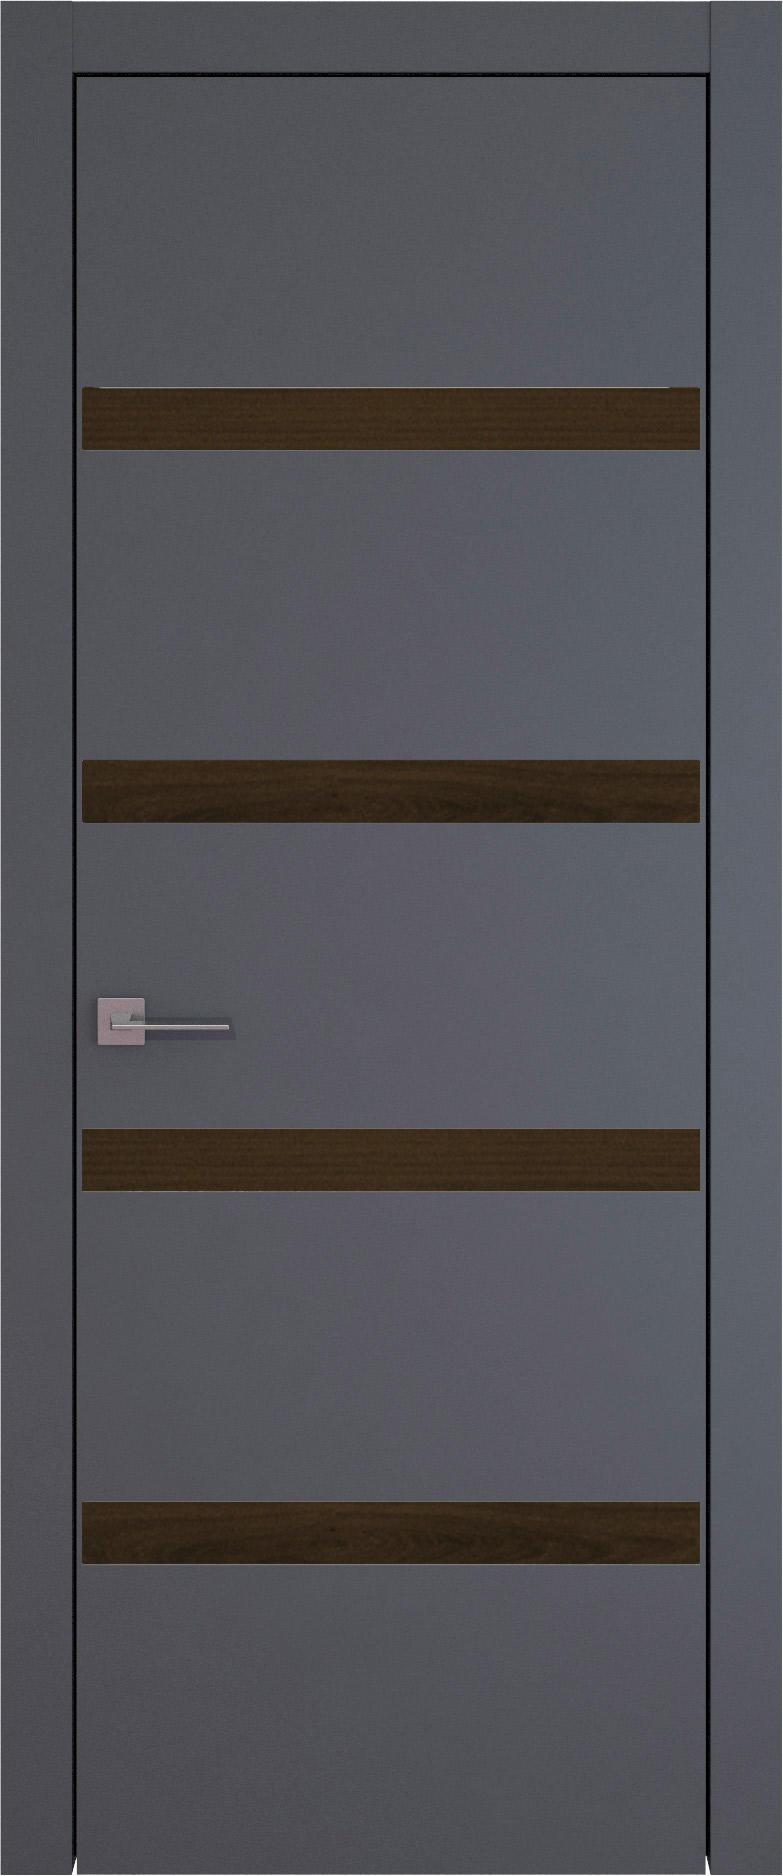 Tivoli Д-4 цвет - Графитово-серая эмаль (RAL 7024) Без стекла (ДГ)